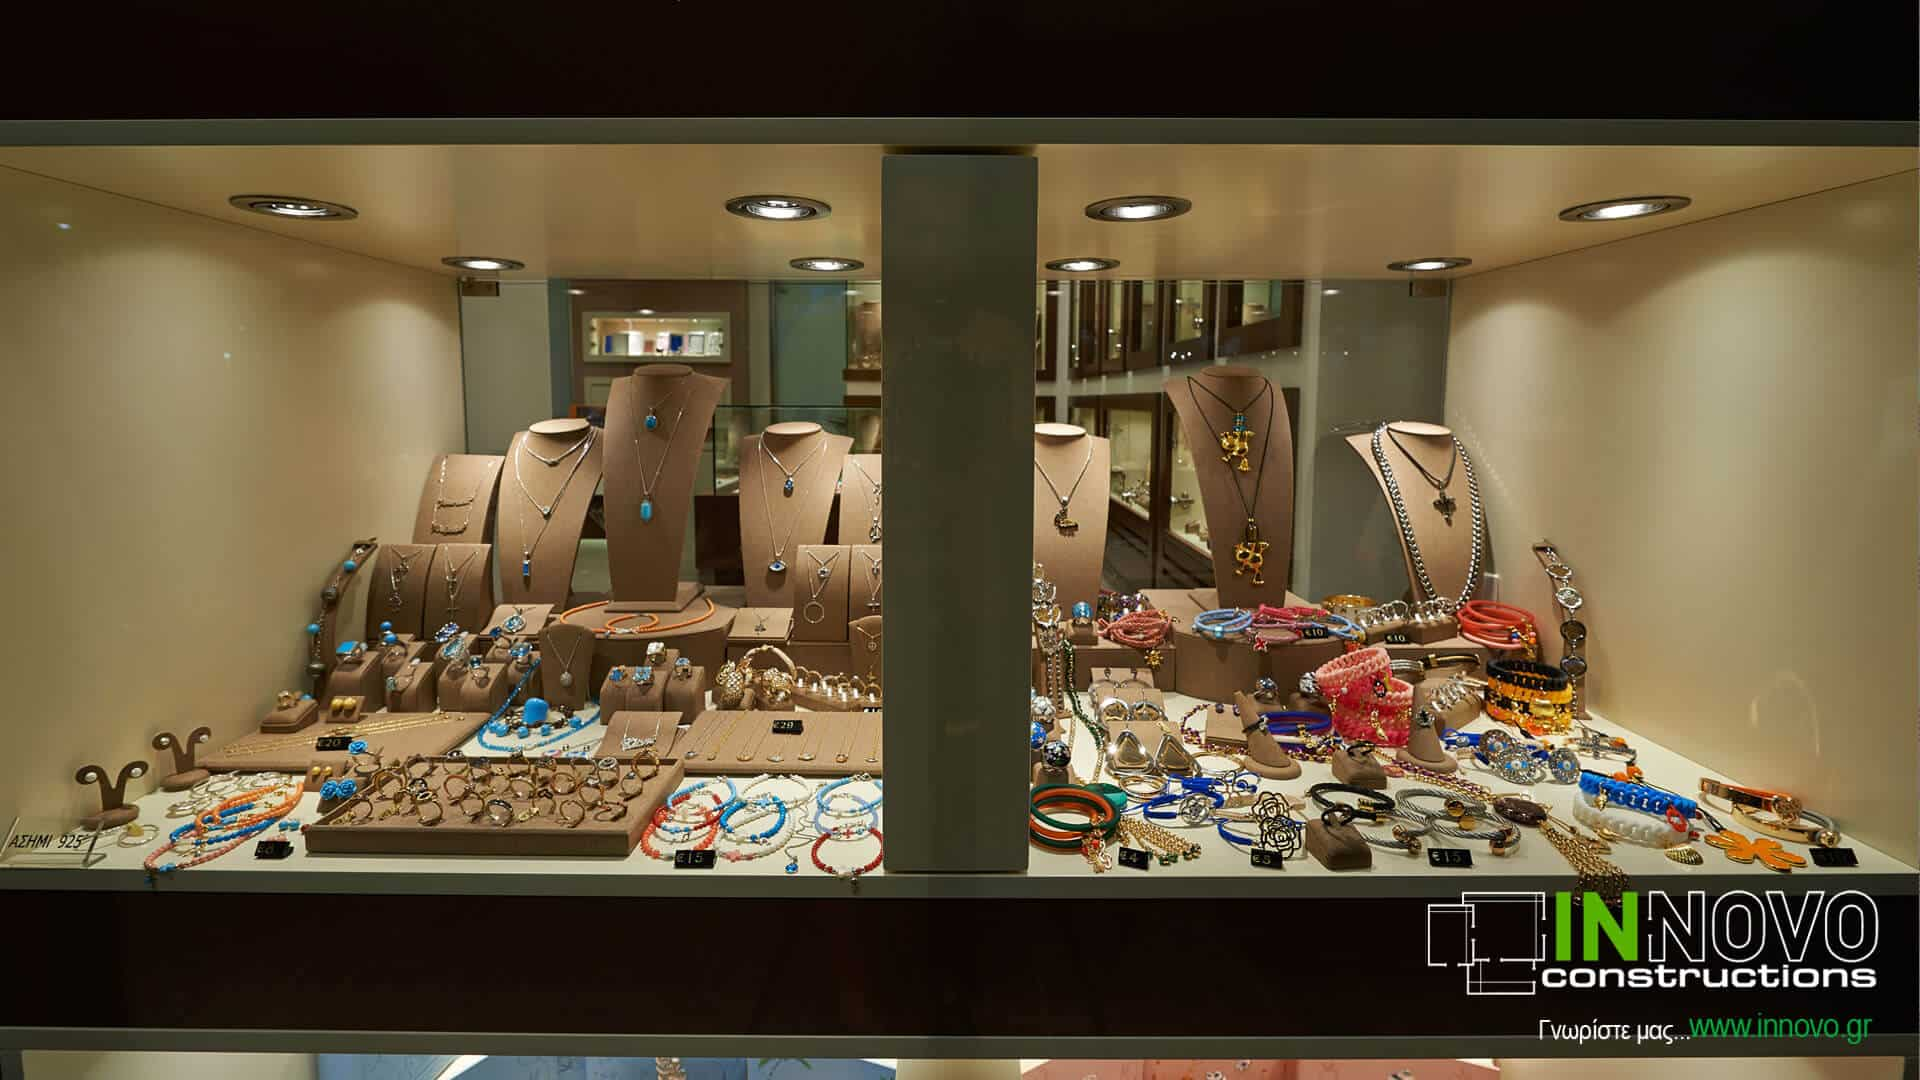 kataskevi-kosmimatopoleiou-jewelry-construction-kosmimatopoleio-neos-kosmos-1429-5